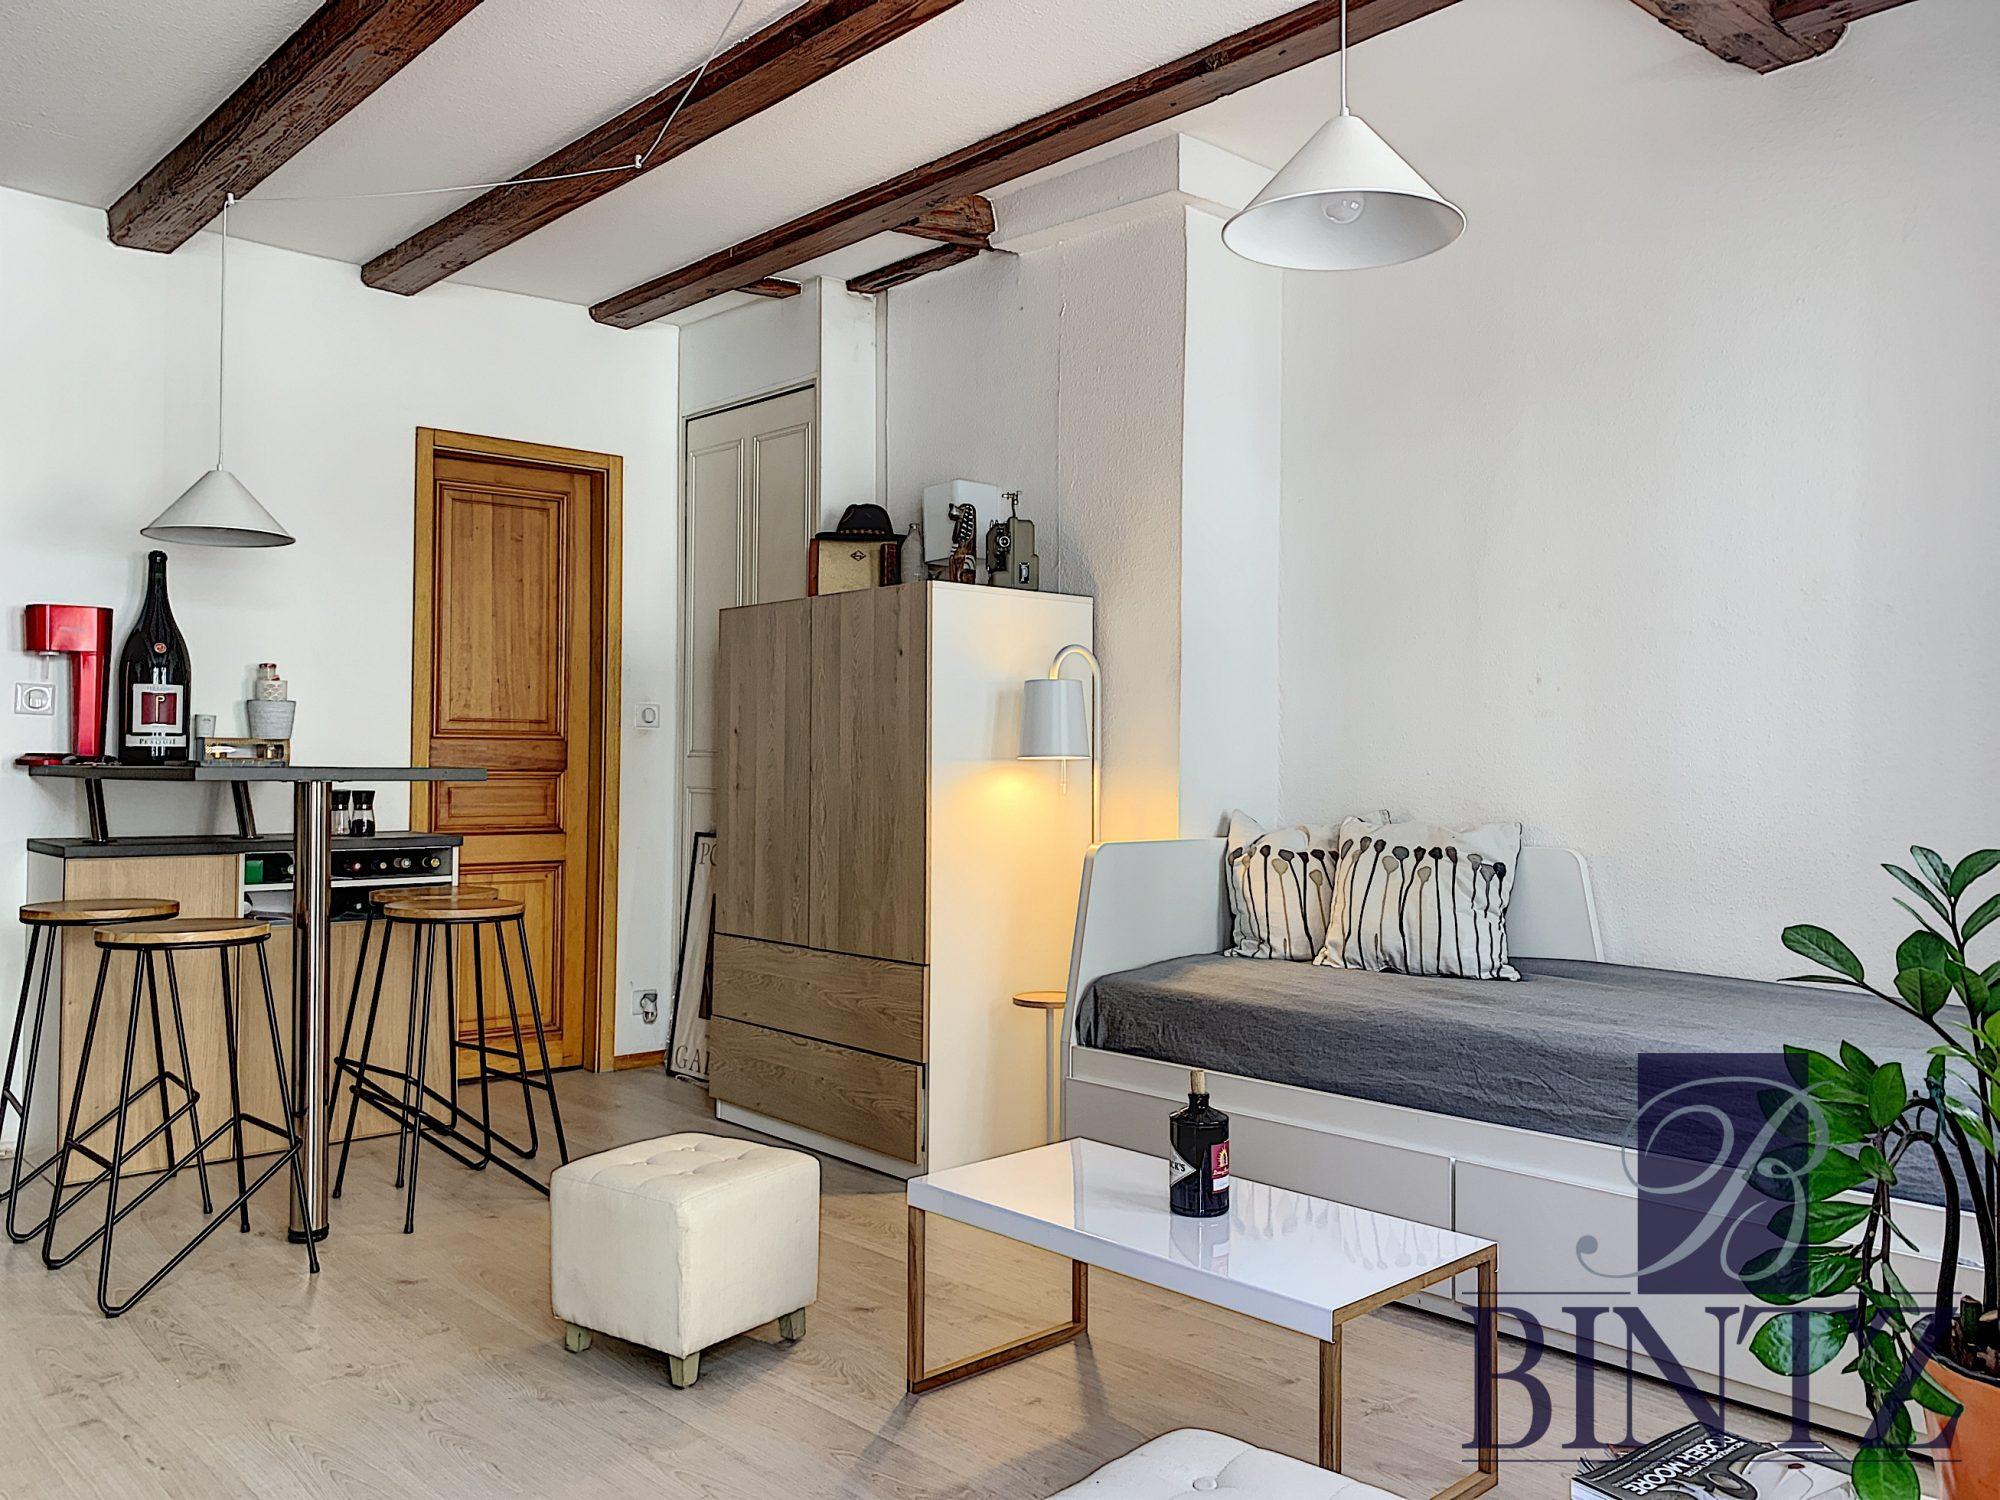 STUDIO MEUBLE HYPER CENTRE - Devenez locataire en toute sérénité - Bintz Immobilier - 1